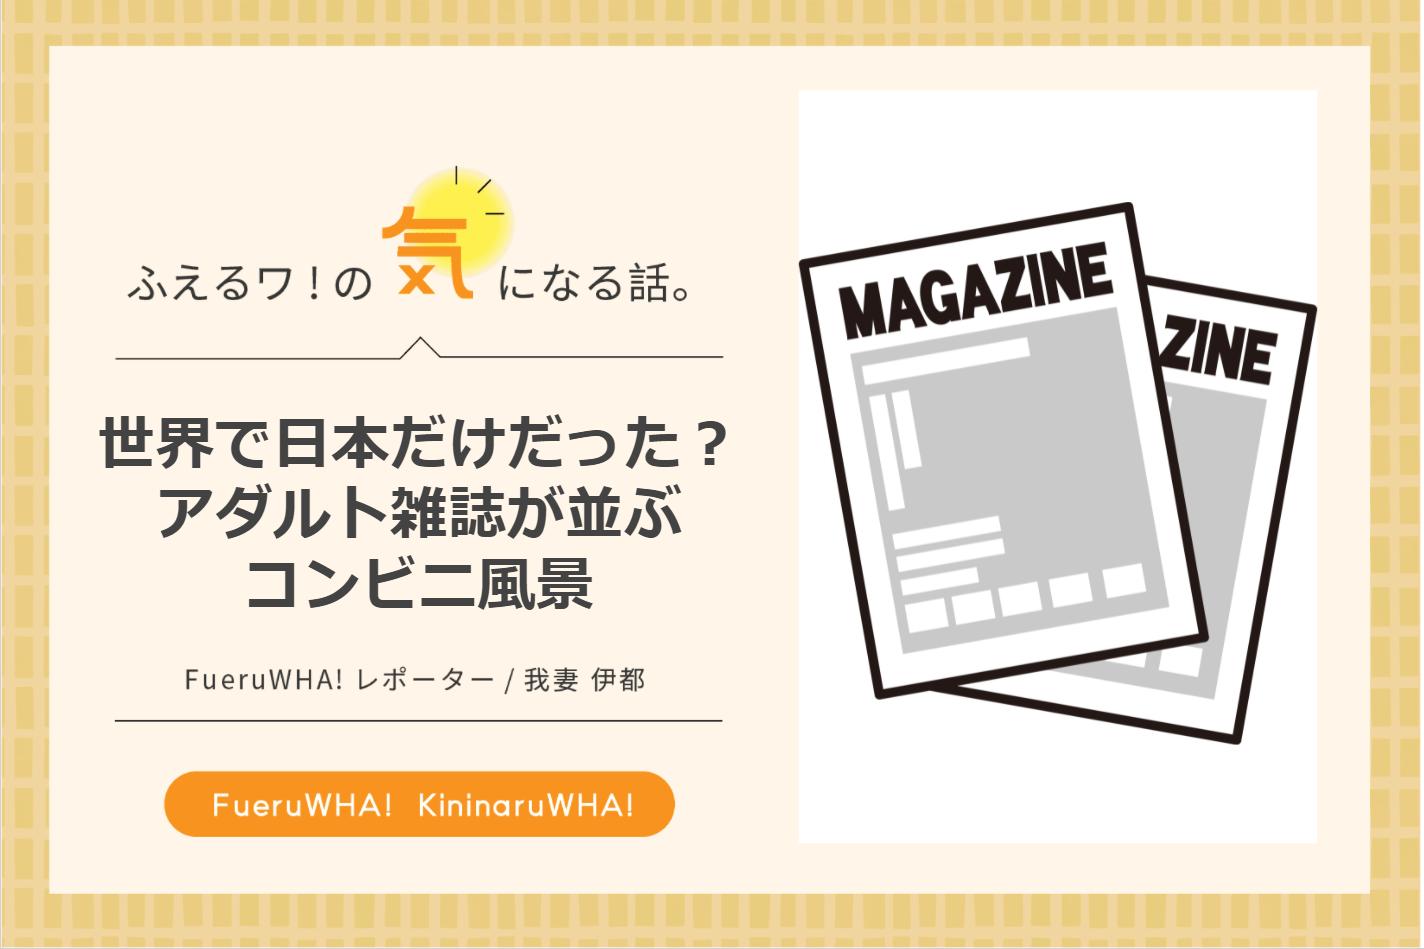 世界で日本だけだった?アダルト雑誌が並ぶコンビニ風景